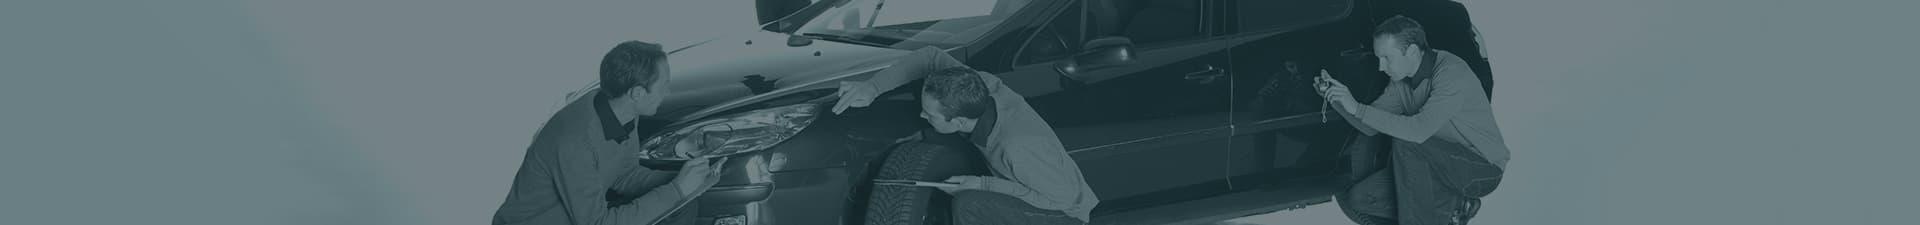 Помощь в подборе авто на вторичном рынке